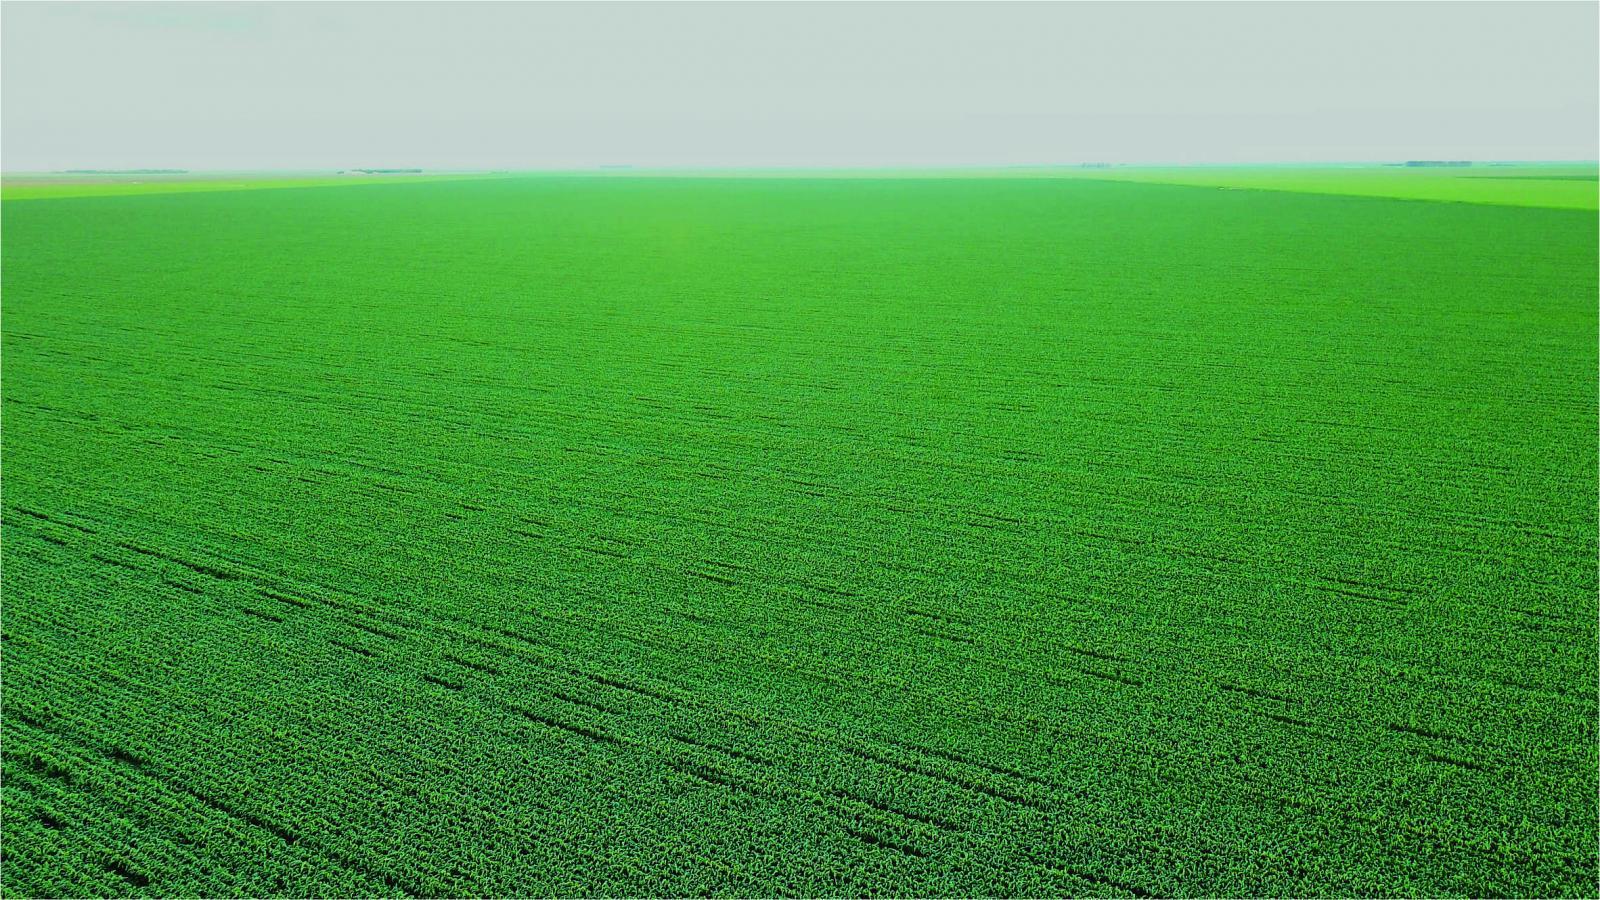 images/2018/04/carroll-farms-farmstead-45-gb1-1523484939mtuymzq4ndkzoq.jpg